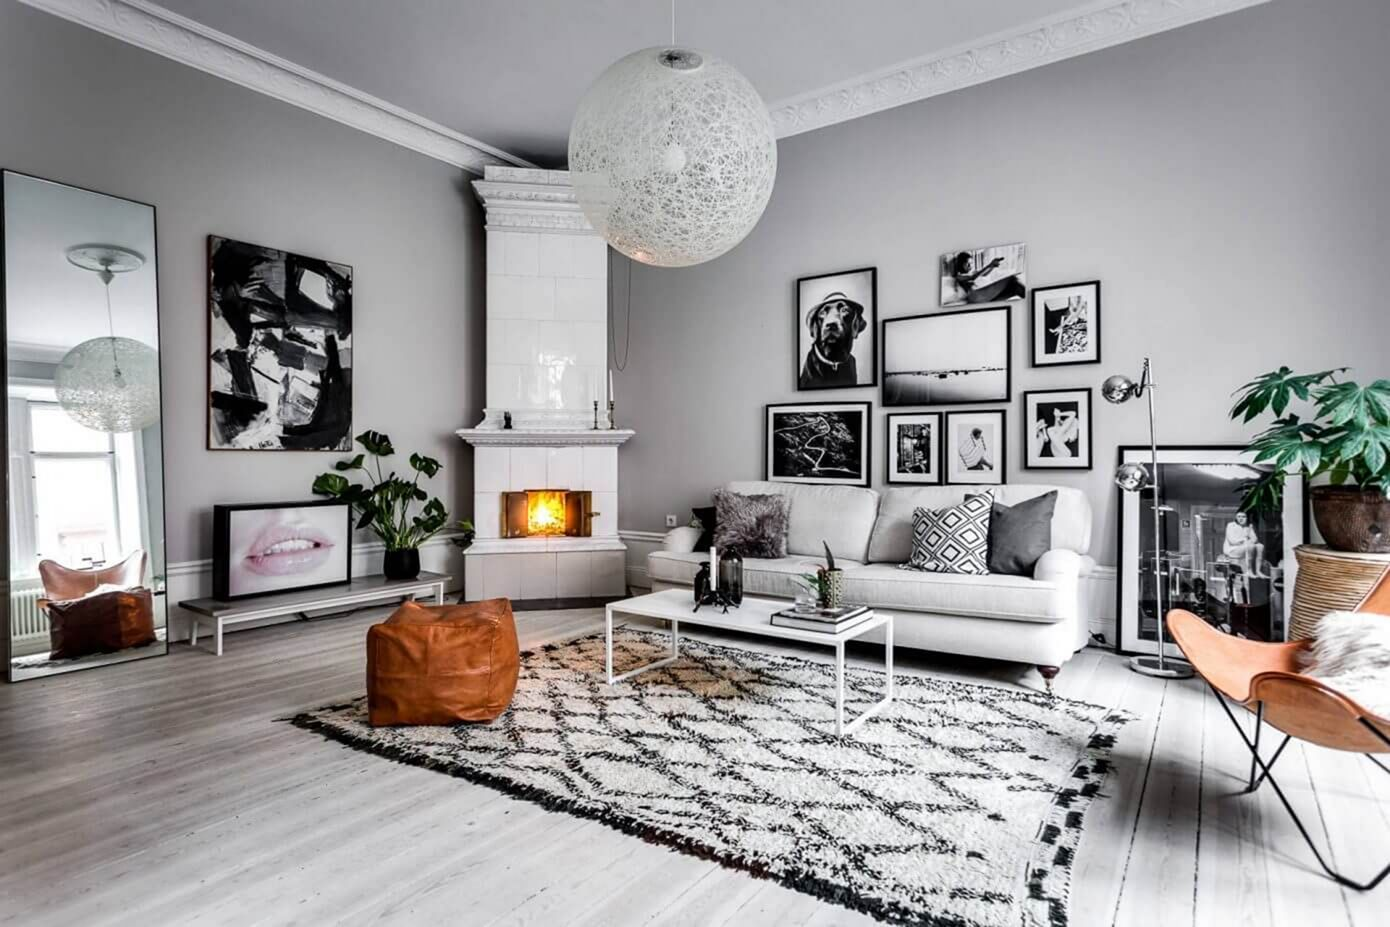 11 Incredible Scandinavian Living Room Design Ideas You Can Apply Livin In 2020 Living Room Scandinavian Living Room Color Combination Scandinavian Decor Living Room #scandinavian #inspired #living #room